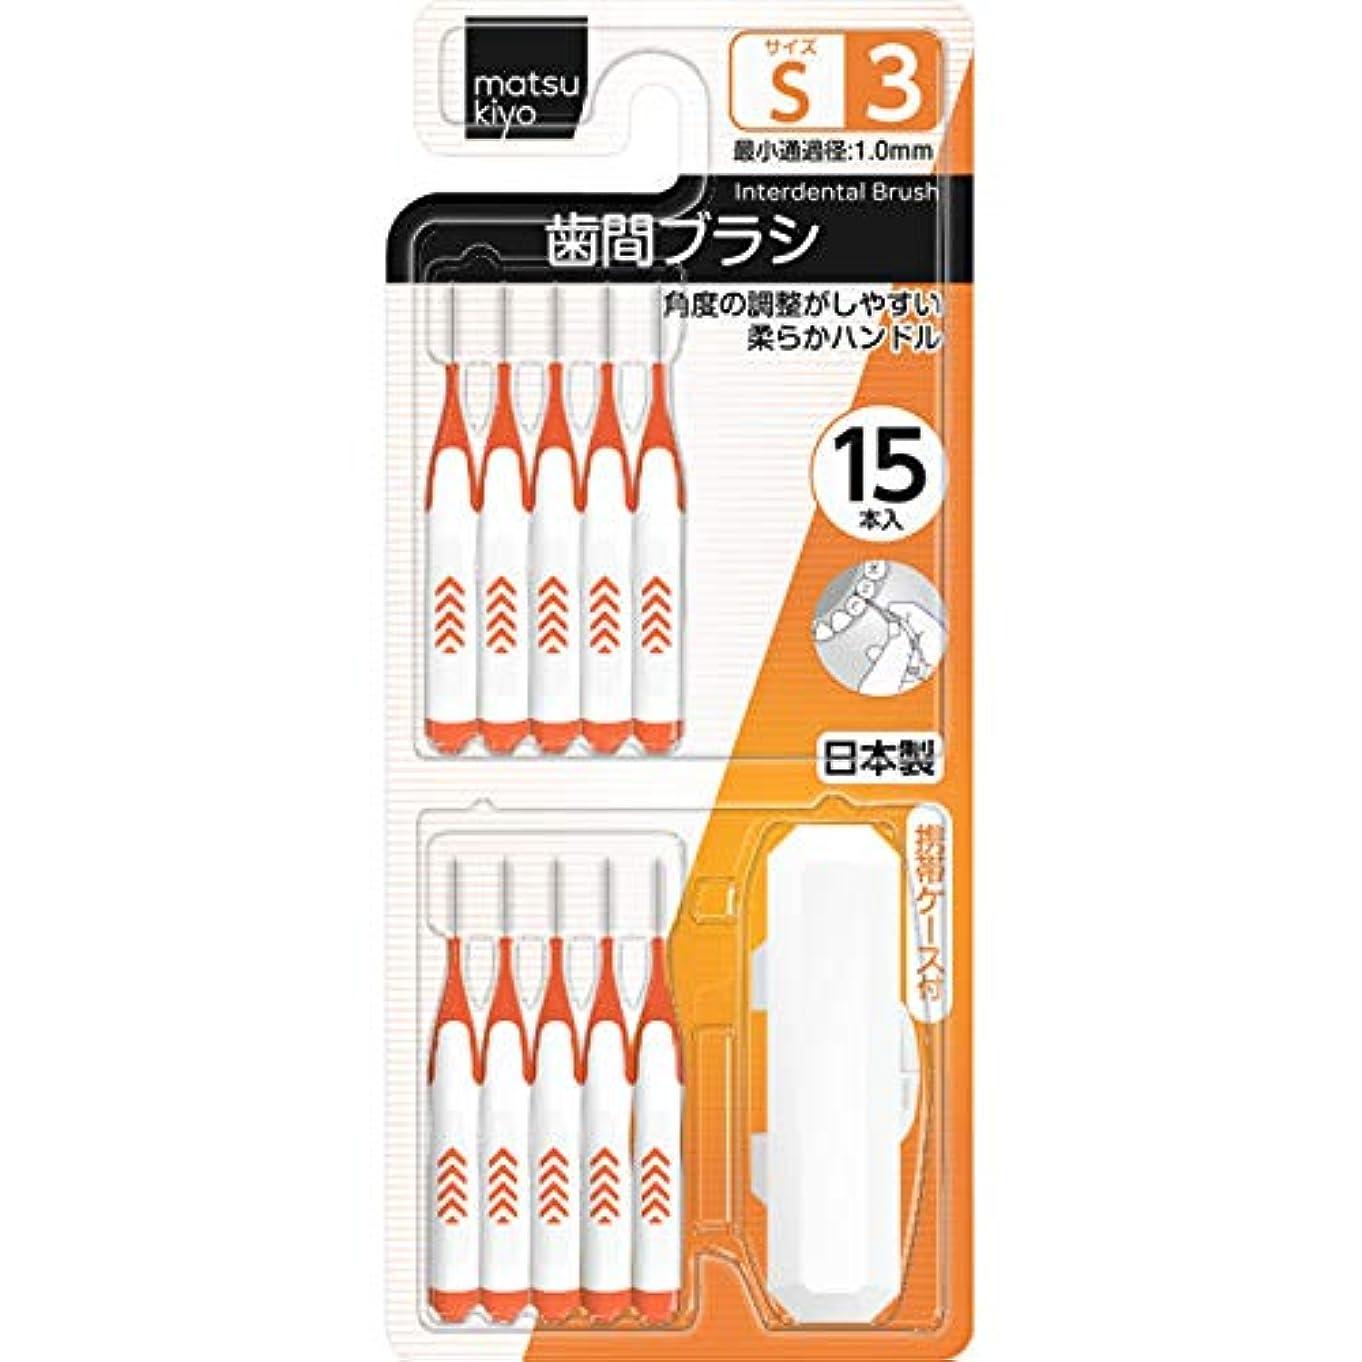 寄付する仲人土地毅?インエグゼサプライ matsukiyo 歯間ブラシ サイズ3(S) 15本